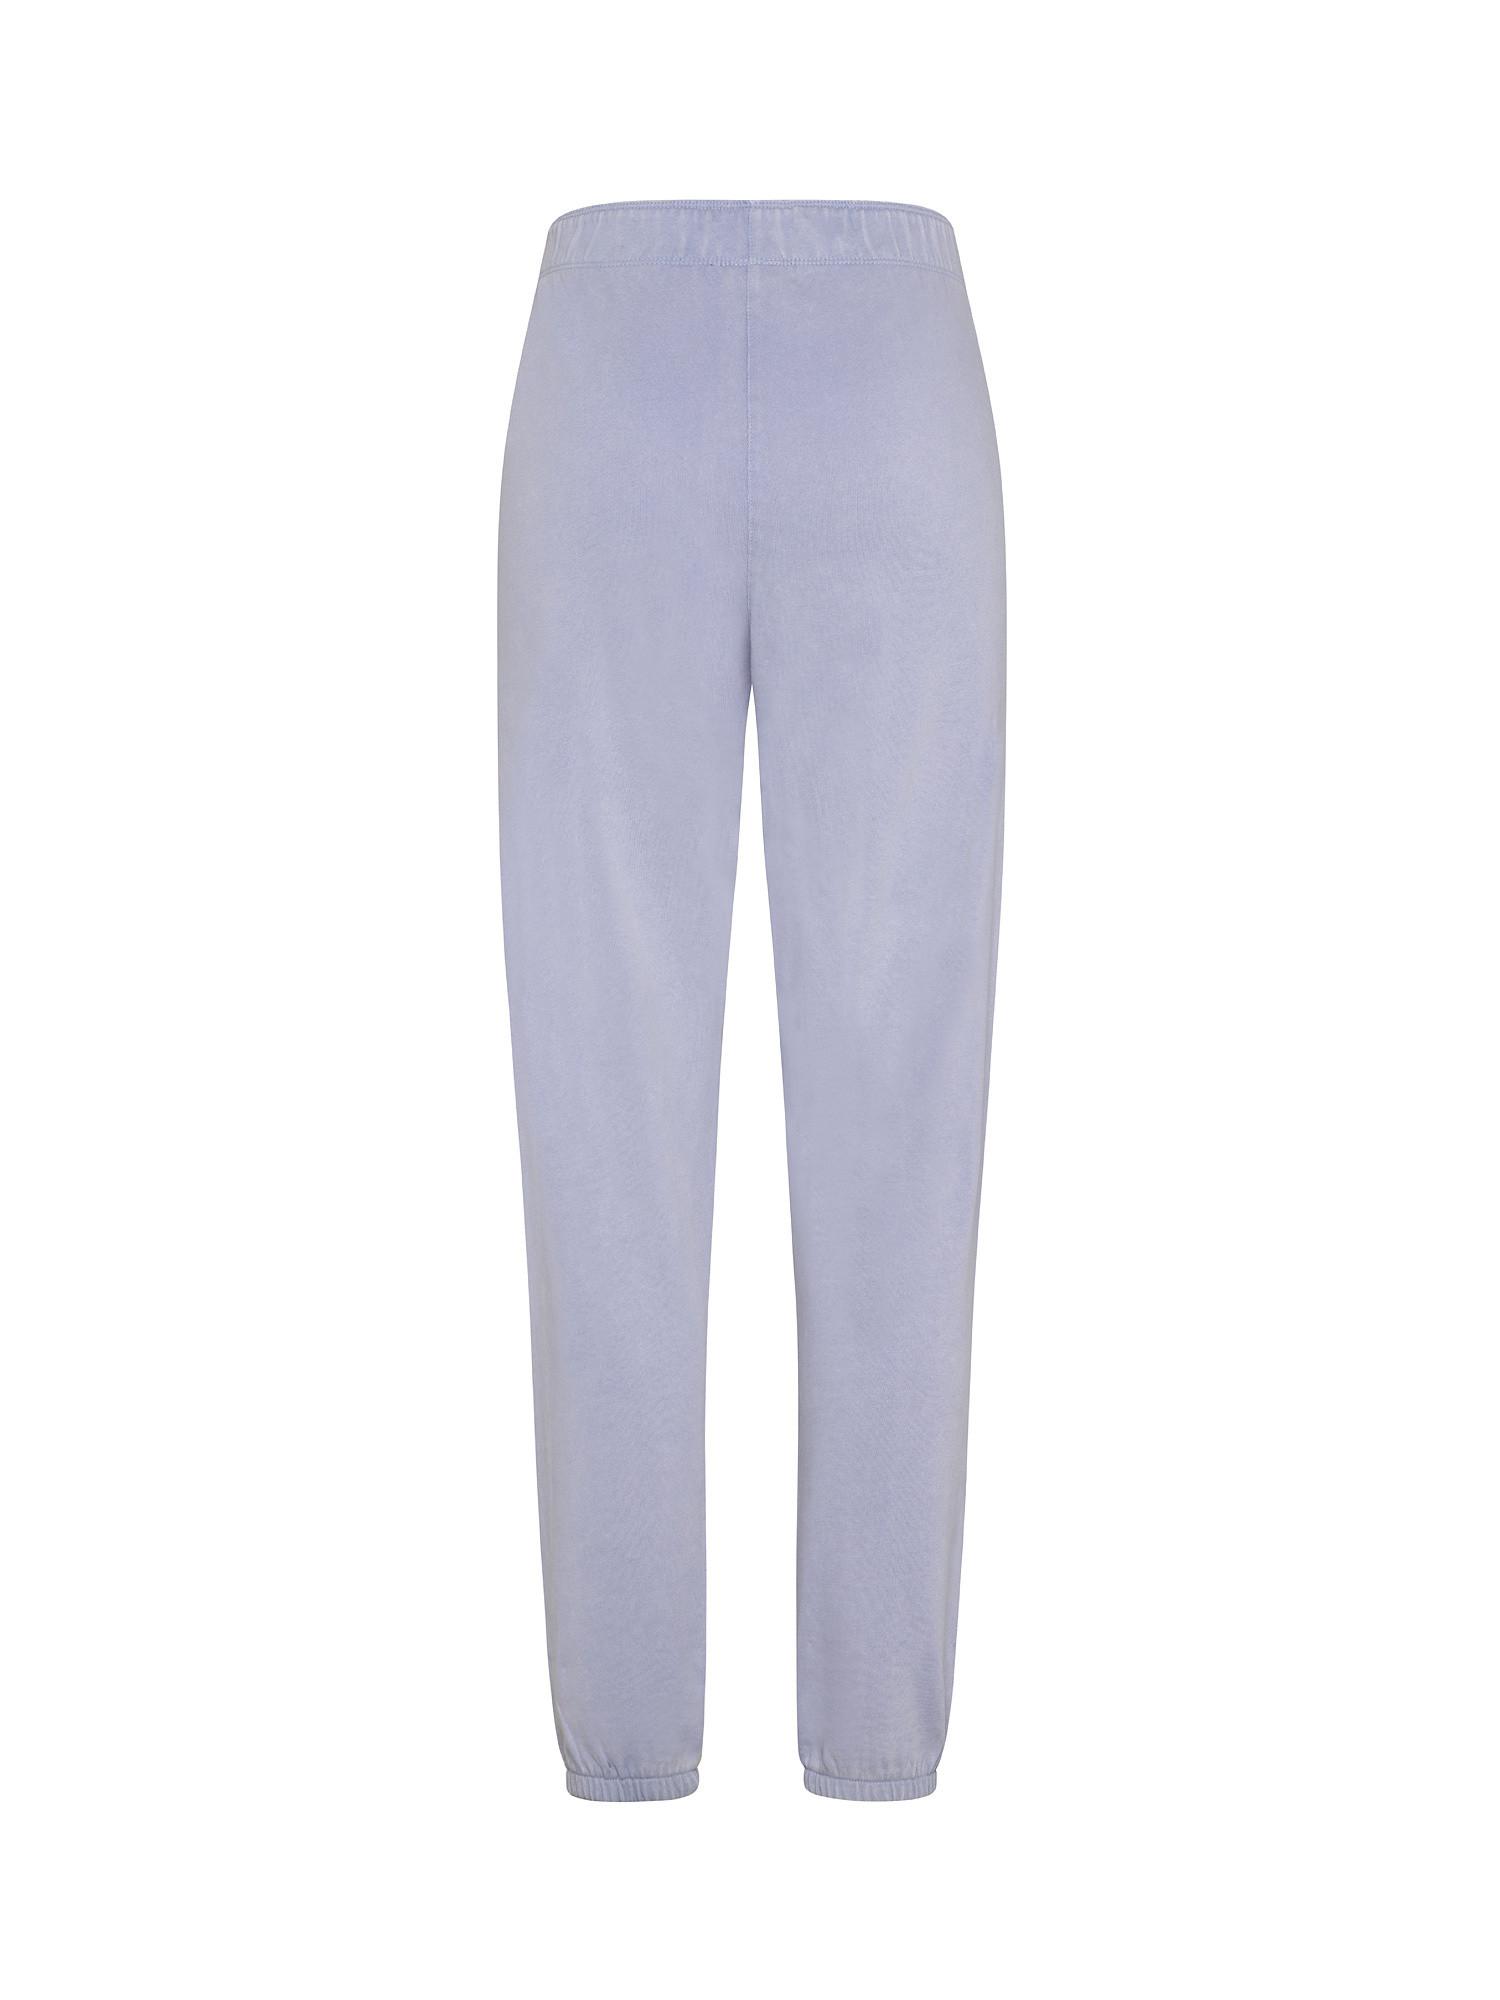 Pantaloni boyfriend acid wash, Azzurro, large image number 1